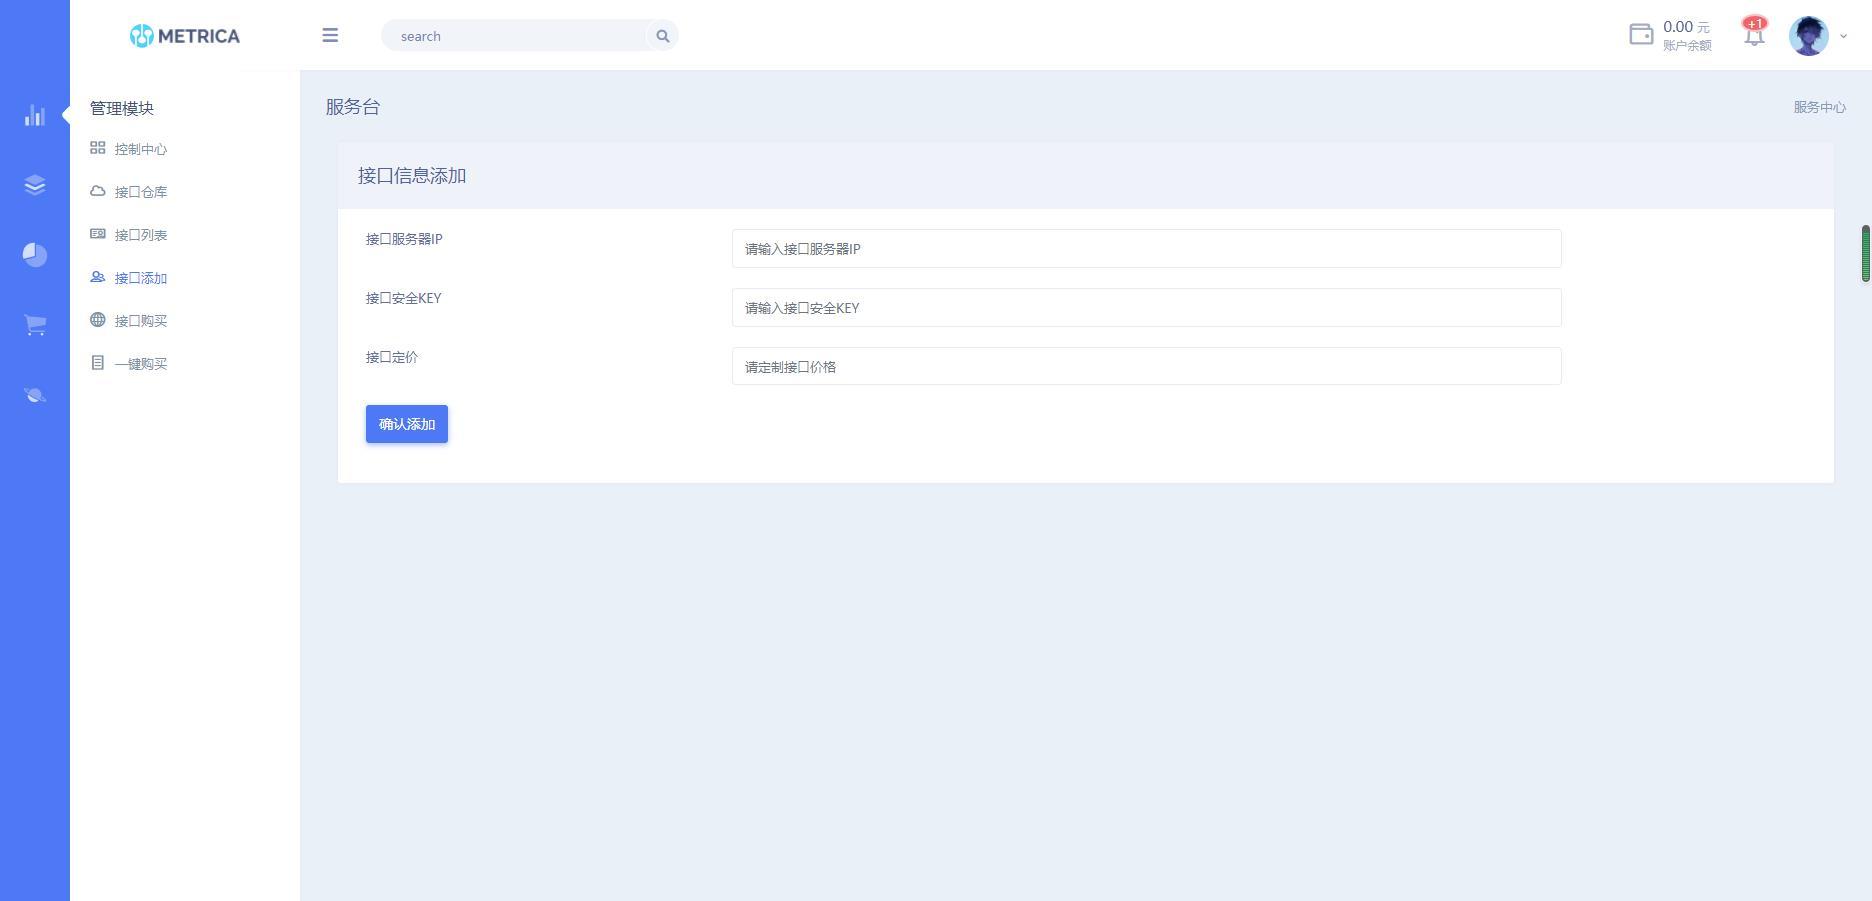 免费丨DHPST分销系统原YEP云分销EP分销-云主机分销系统服务器购买系统免费下载